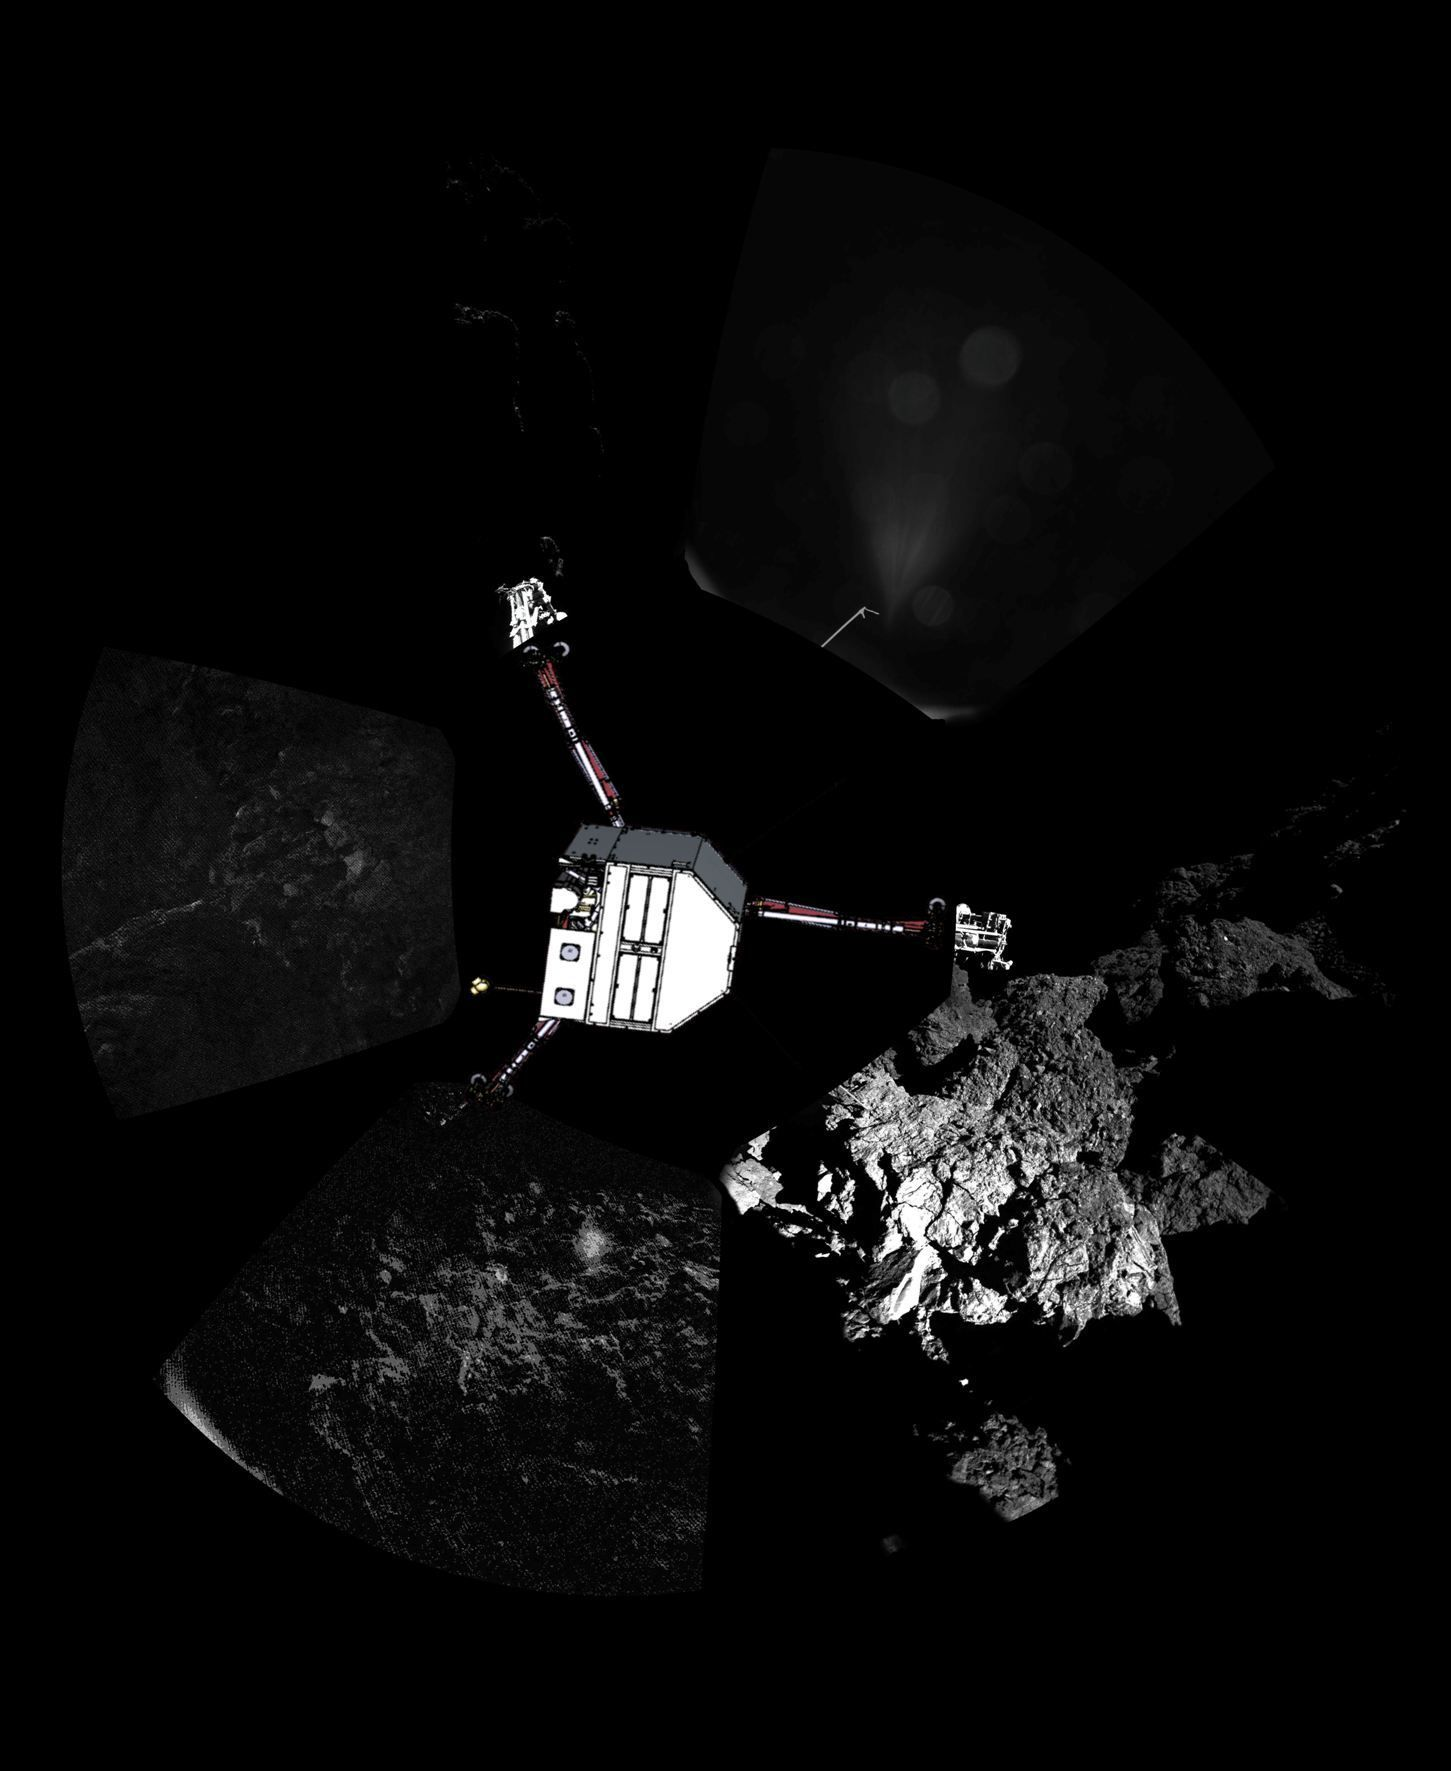 Philae / ESA / dpa